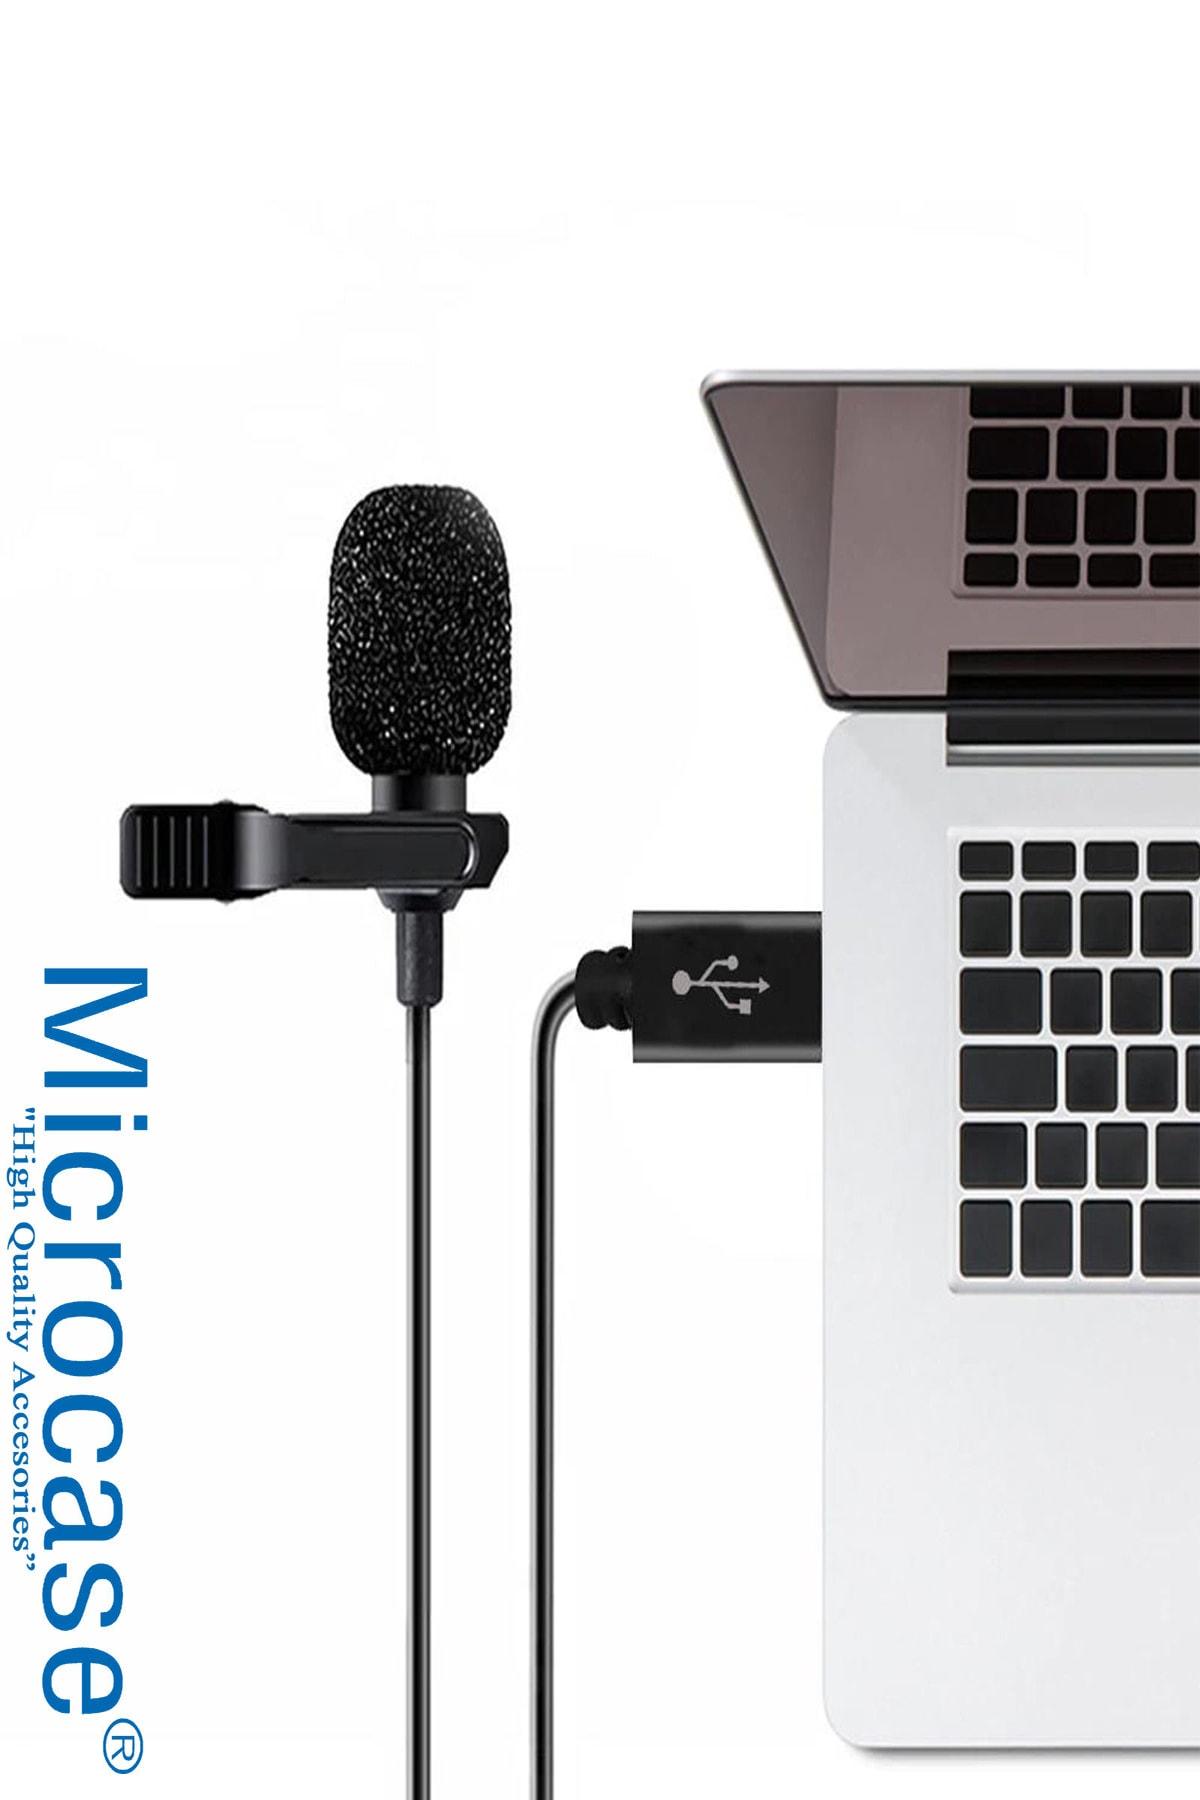 Usb Girişli Bilgisayar Laptop Pc Mac Youtuber Yaka Mikrofonu Al2563